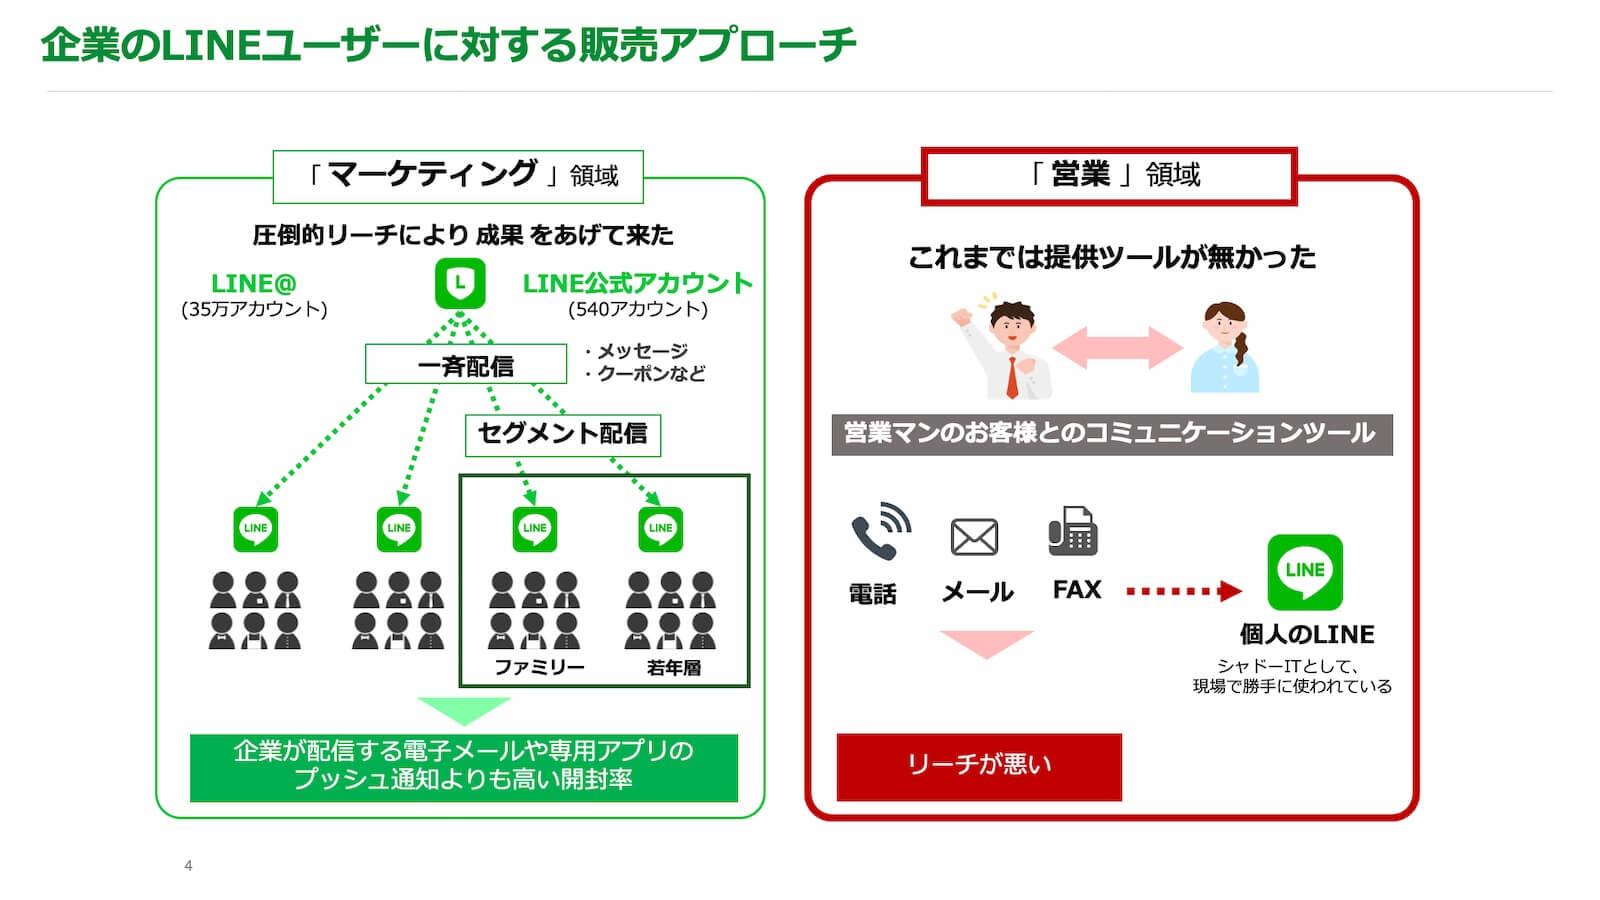 起業のLINEユーザーに対する販売アプローチ